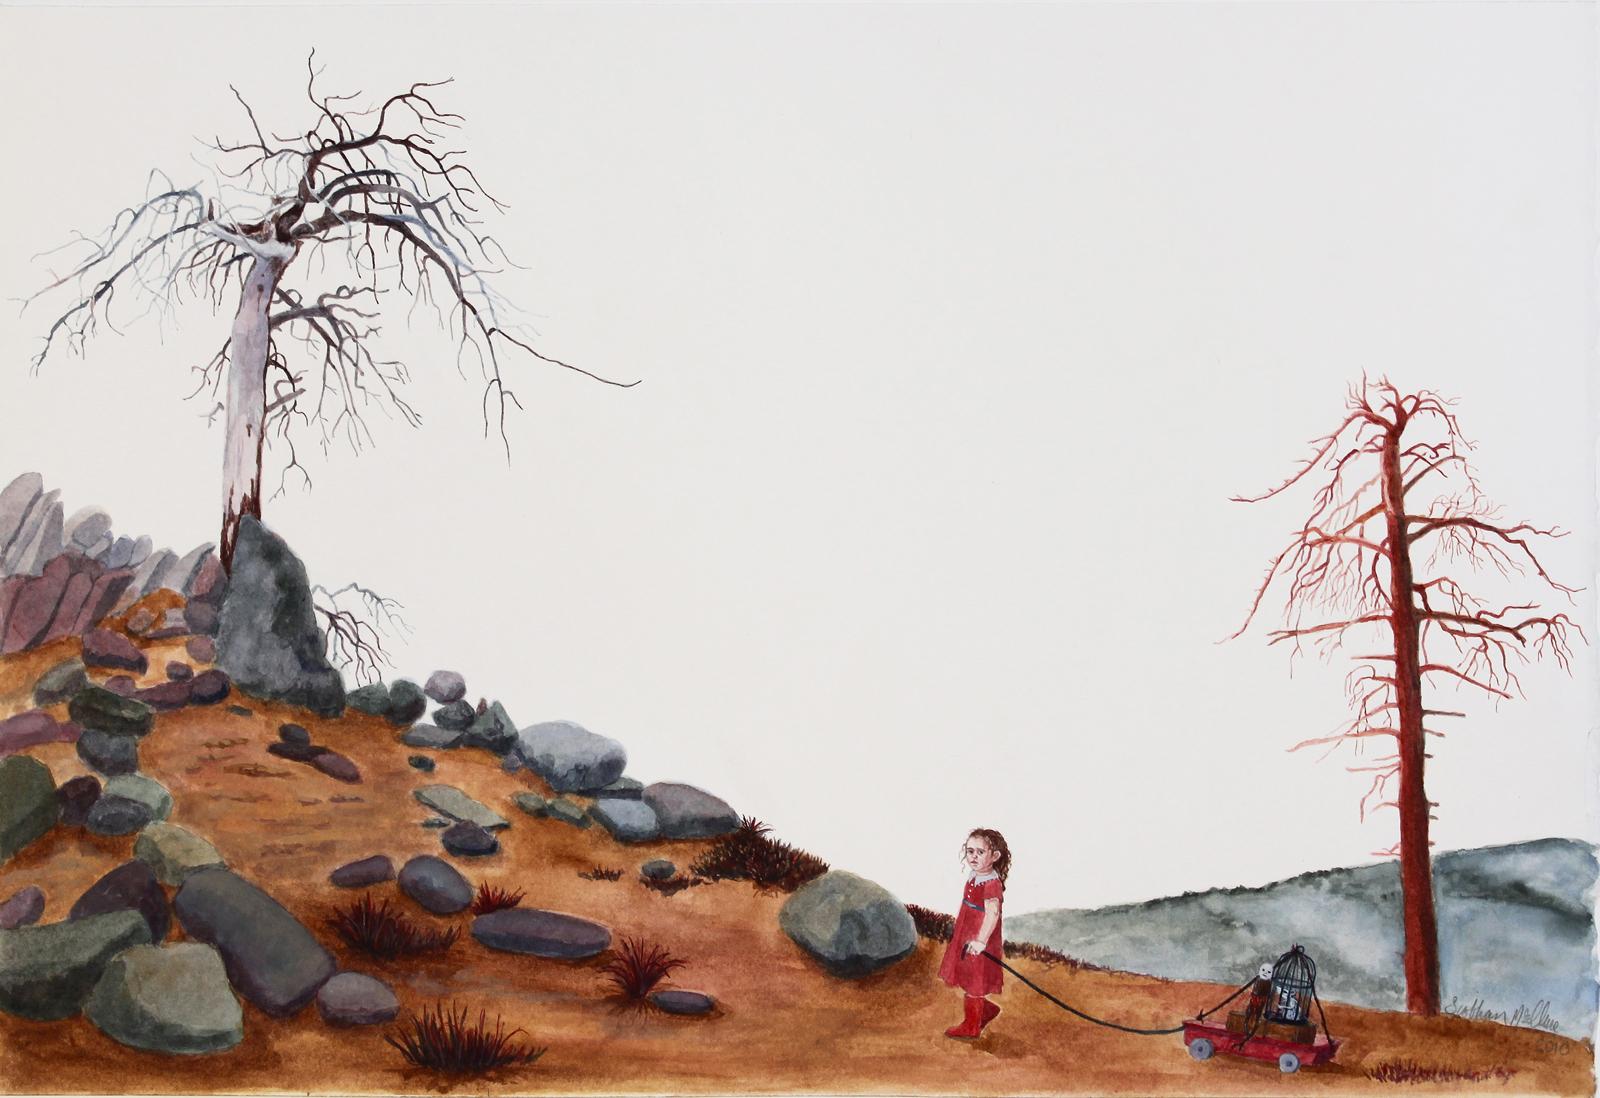 """In-between, 11.25"""" x 17.25"""", watercolor & gouache on paper, 2010"""